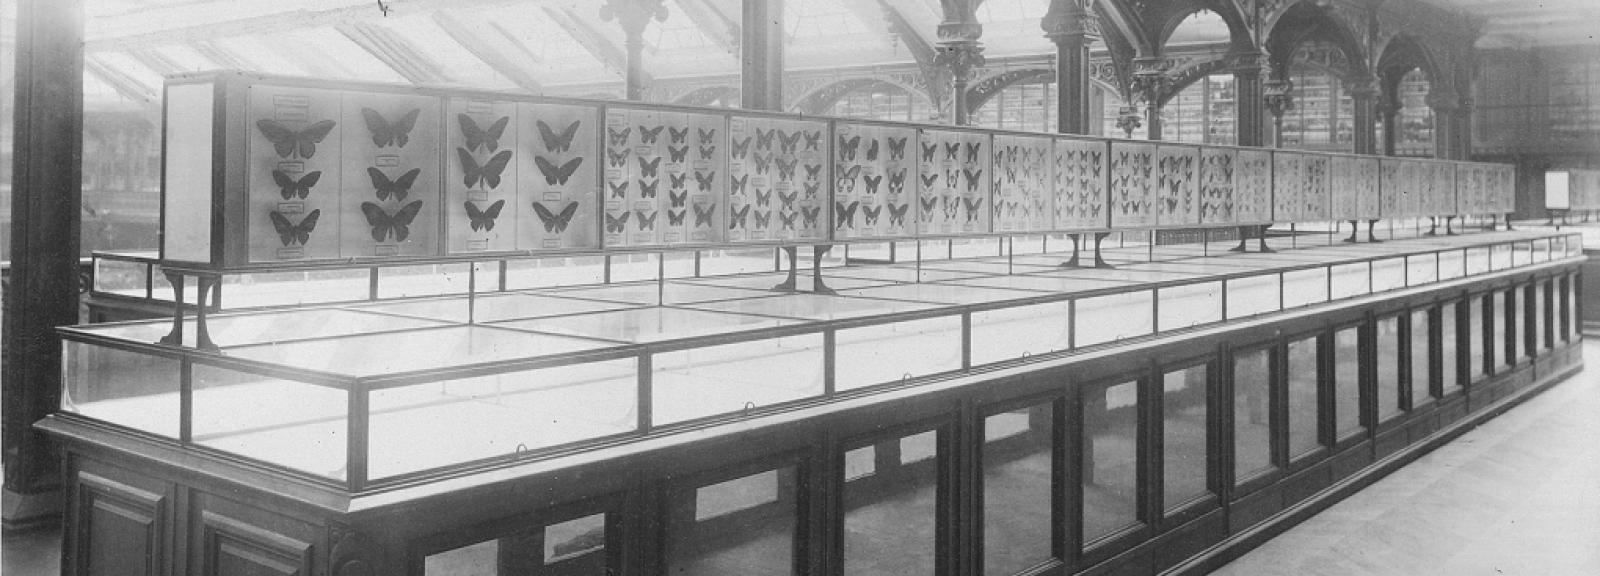 vitrine d'entomologie 1892 © MNHN - direction des bibliothèques